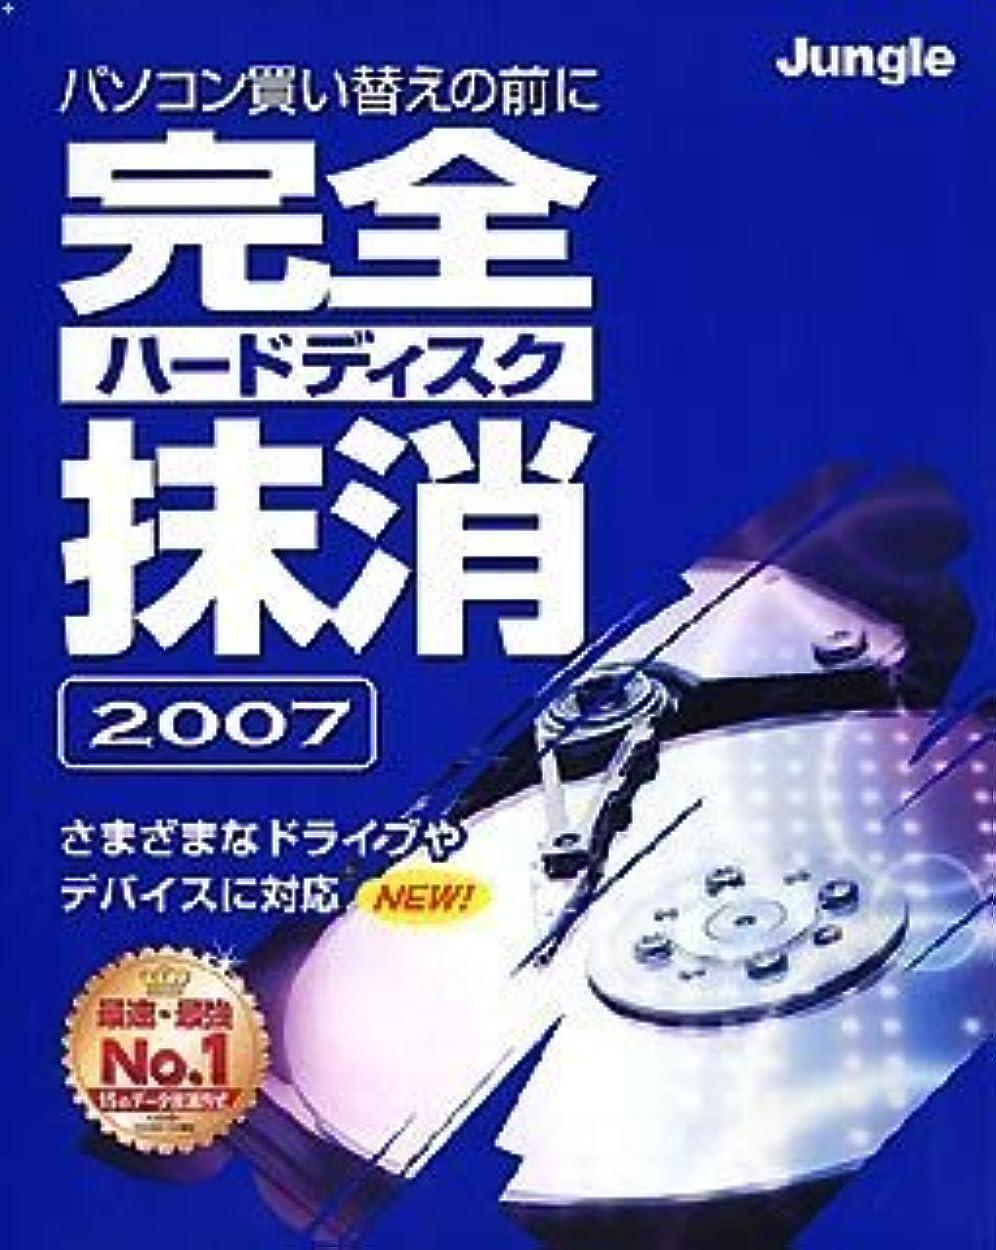 斧解き明かすスキャンダラス完全ハードディスク抹消2007